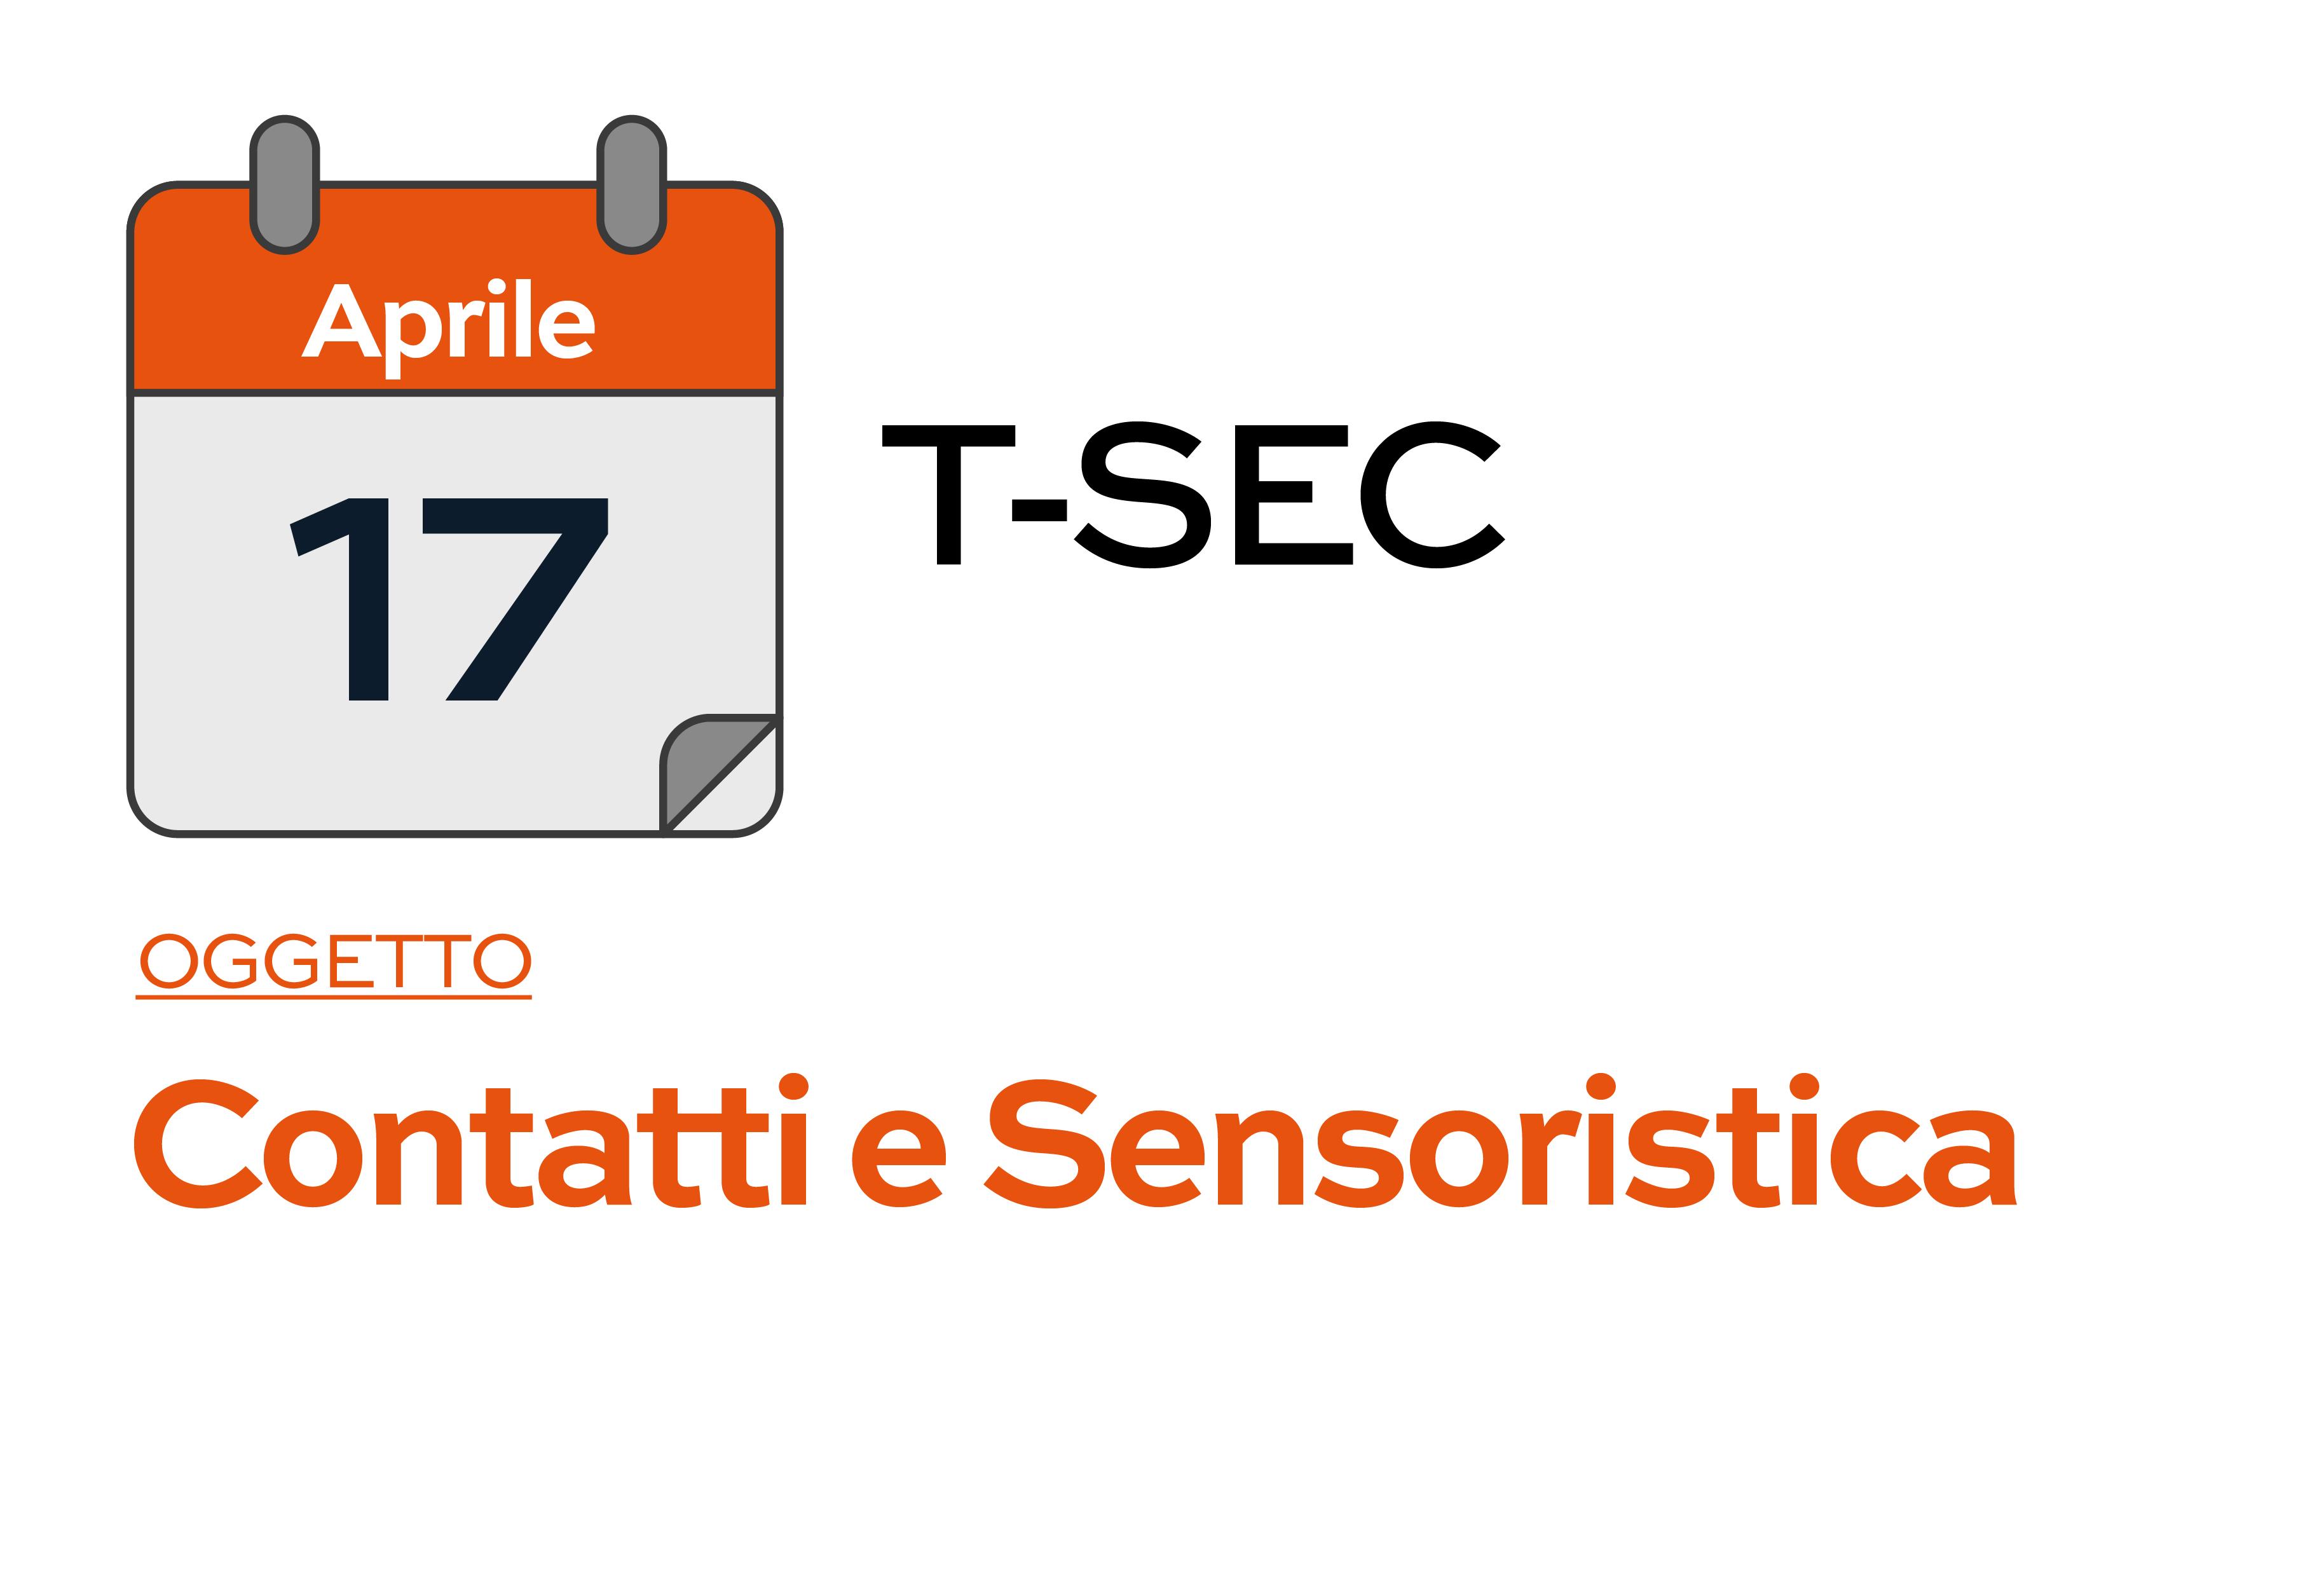 TSEC - Corso del 17-04-2019